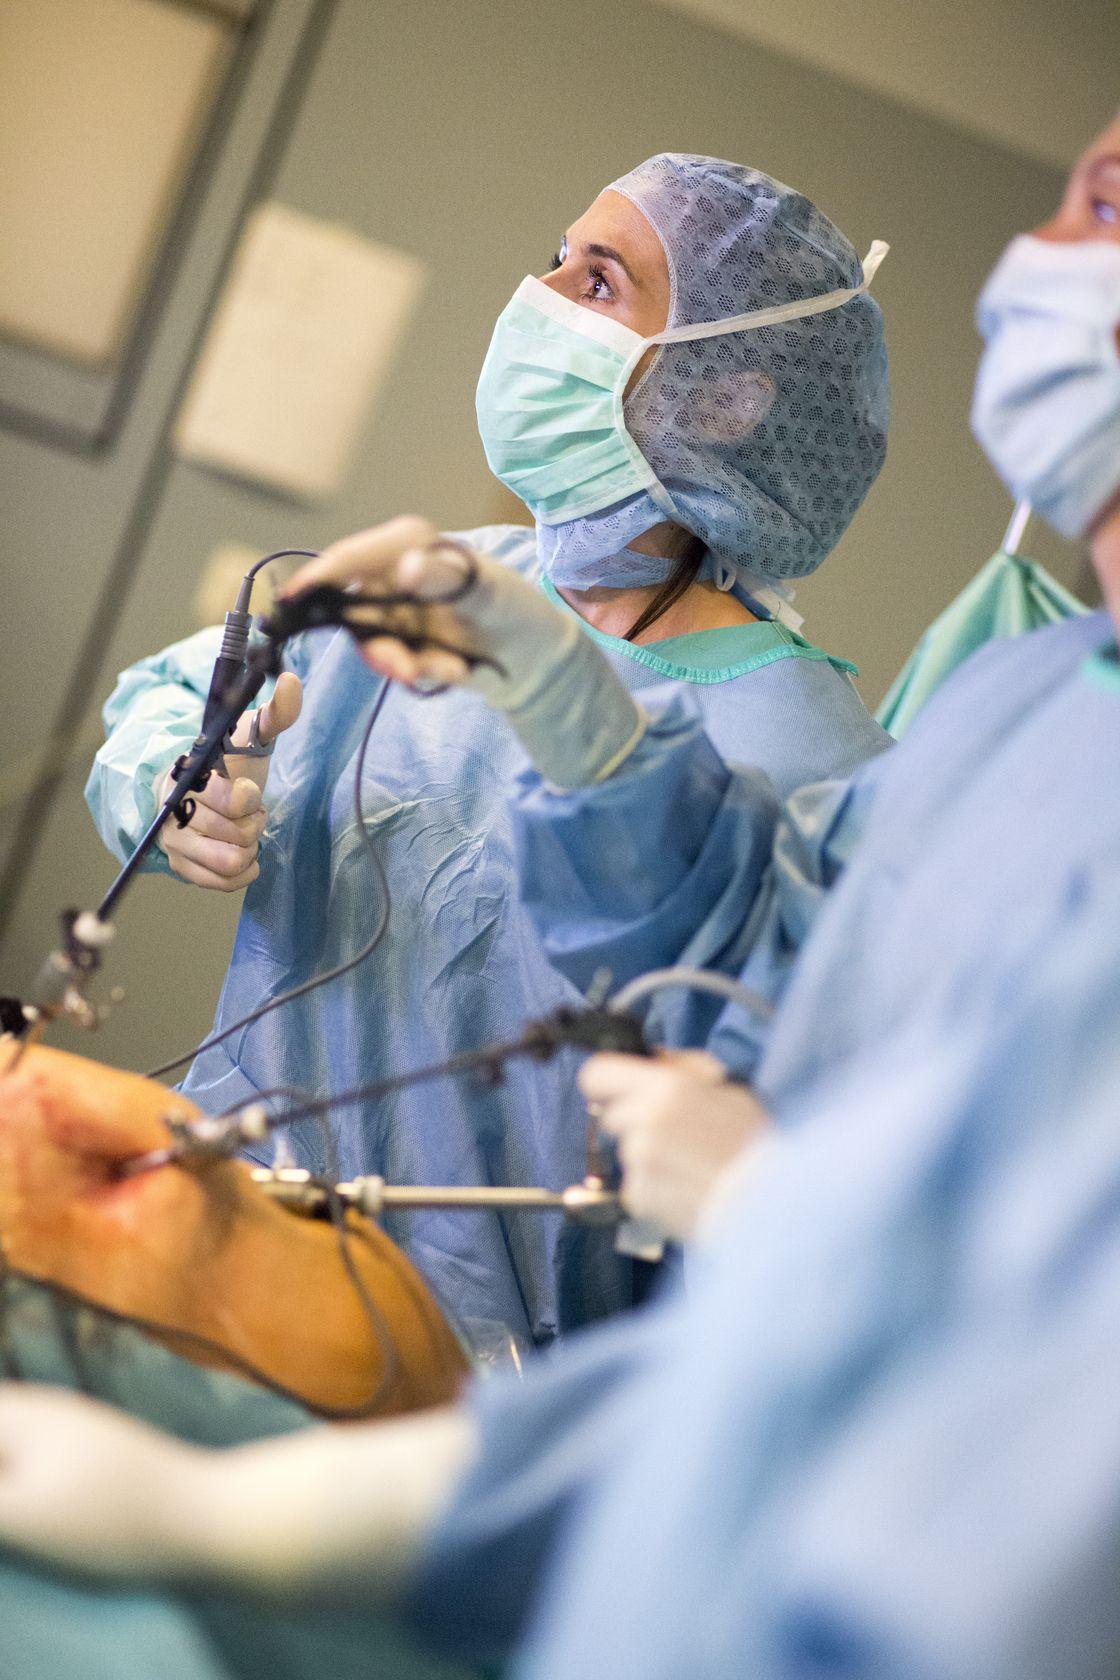 Lange krankenhaus op wie gebärmutter Hysterektomie, Operation,